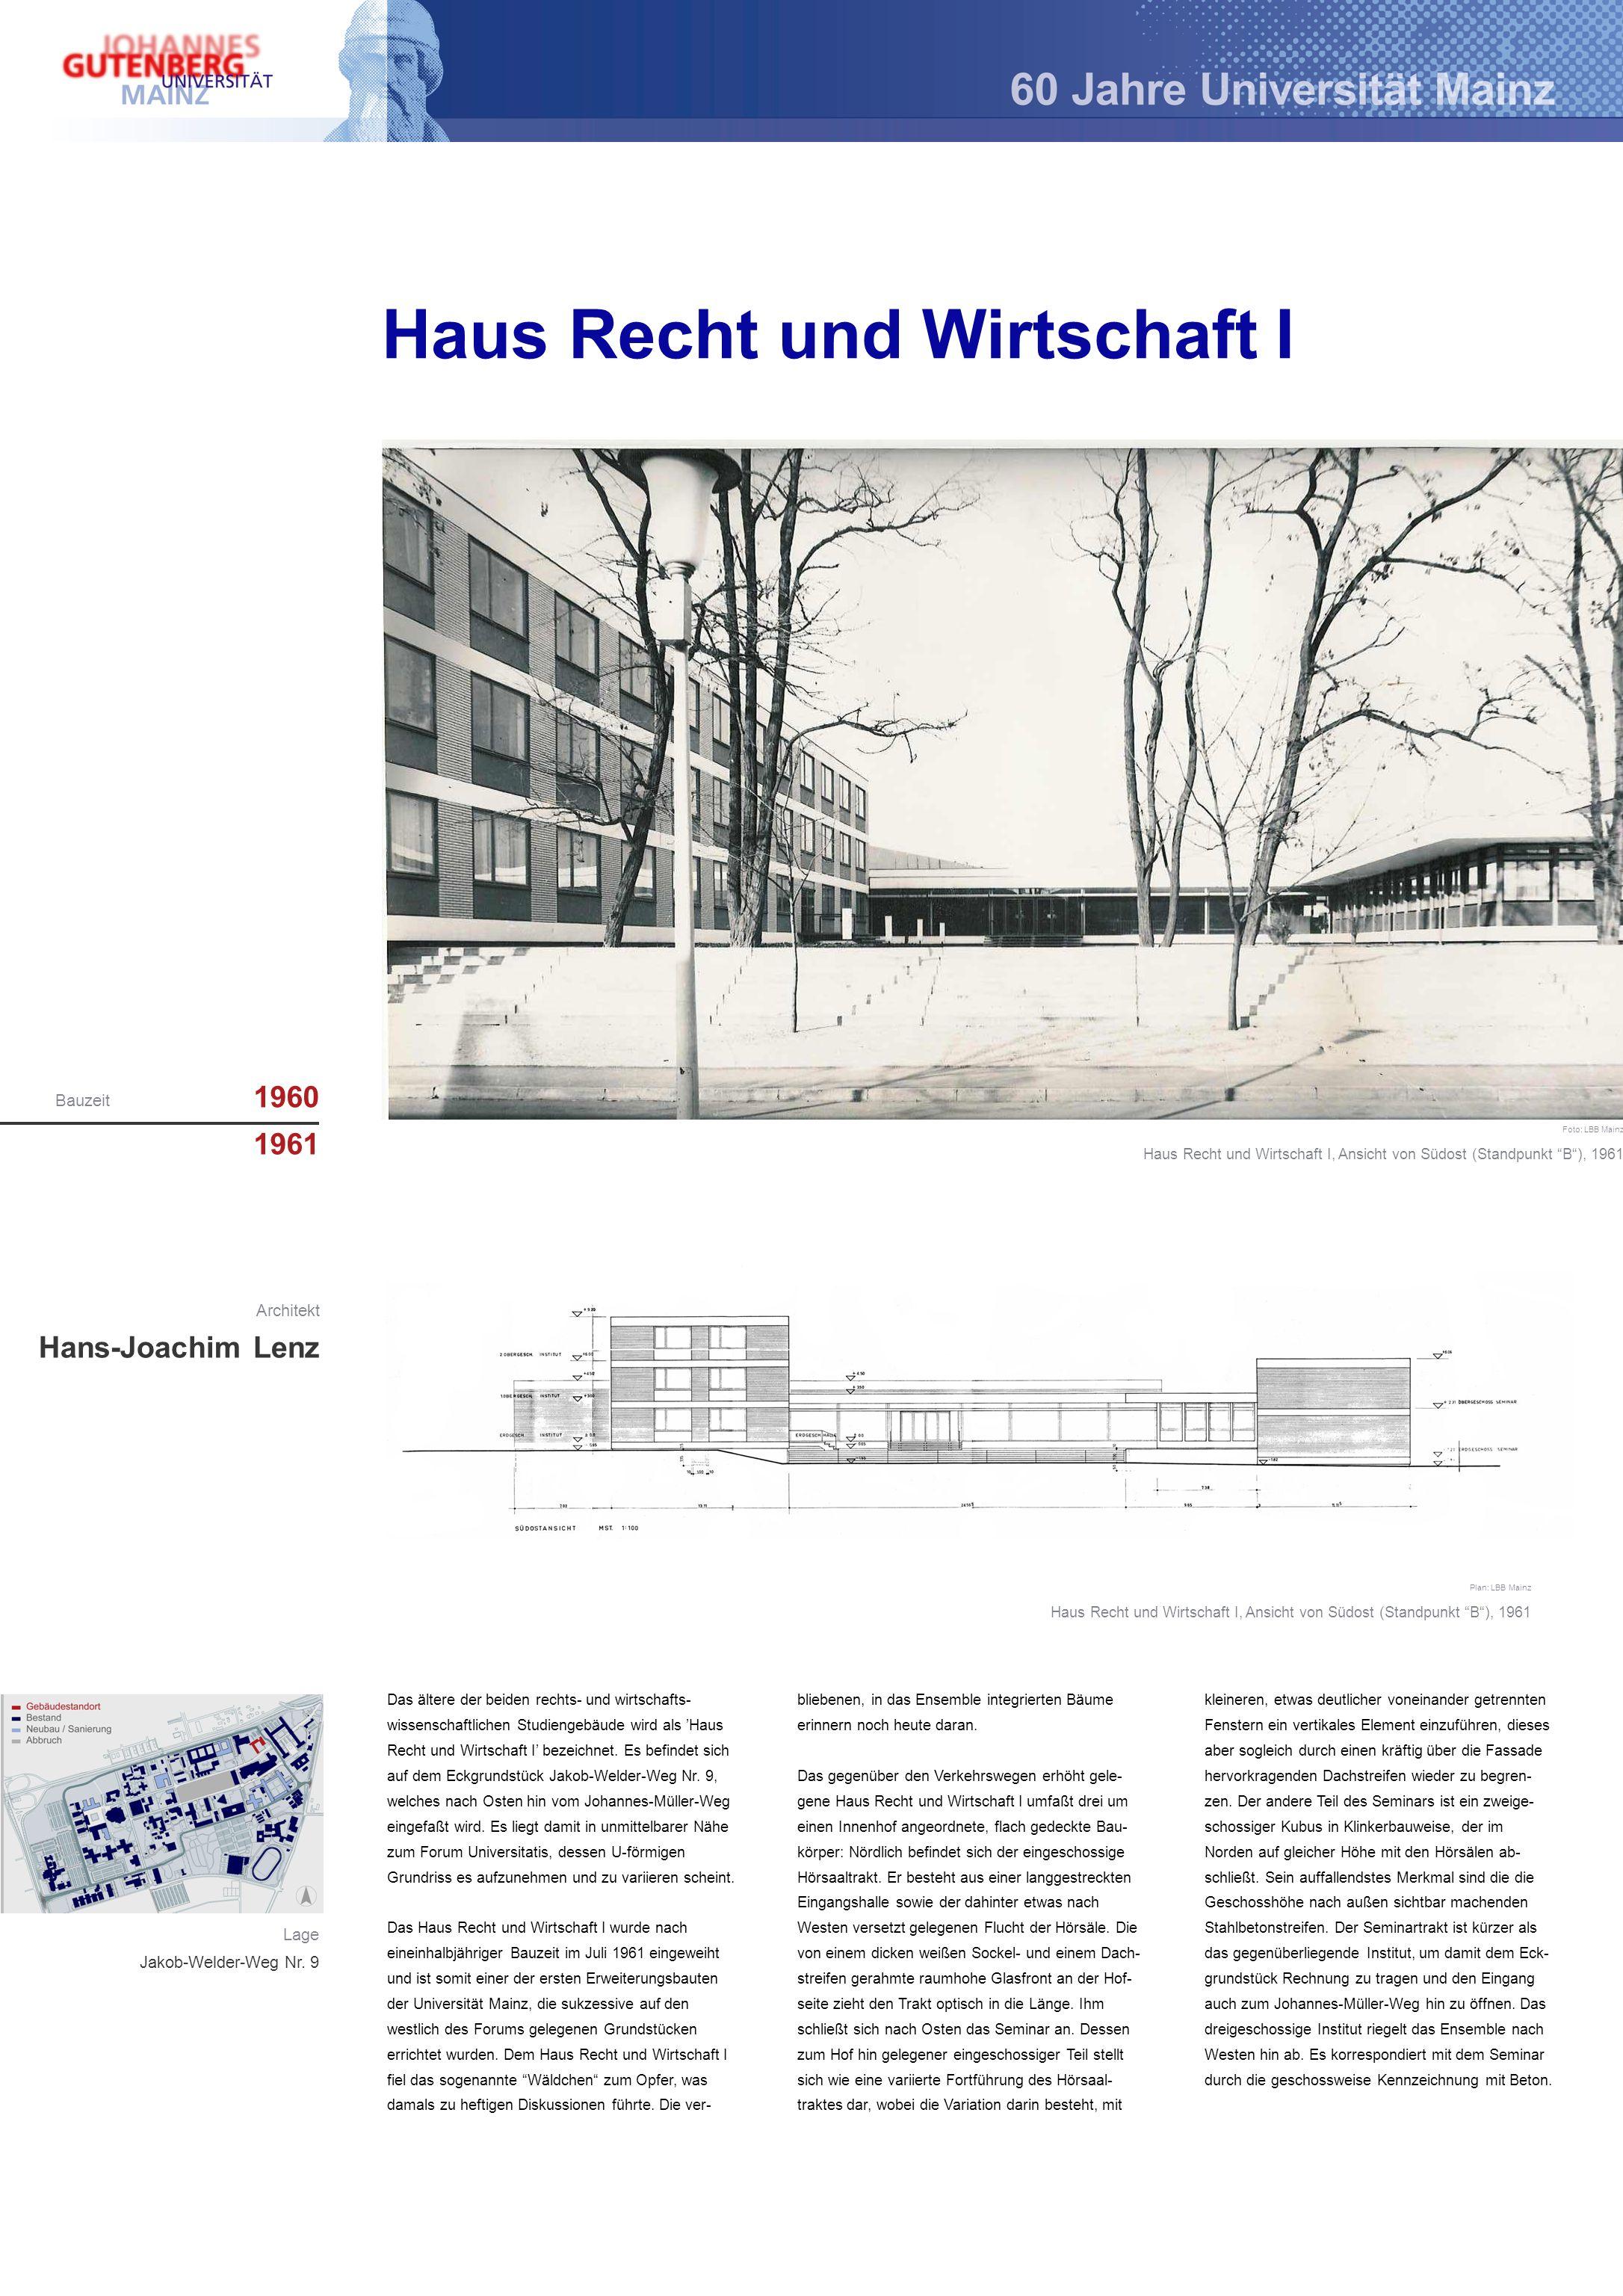 Haus Recht und Wirtschaft I 1960 1961 Architekt Das ältere der beiden rechts- und wirtschafts- wissenschaftlichen Studiengebäude wird als Haus Recht und Wirtschaft I bezeichnet.